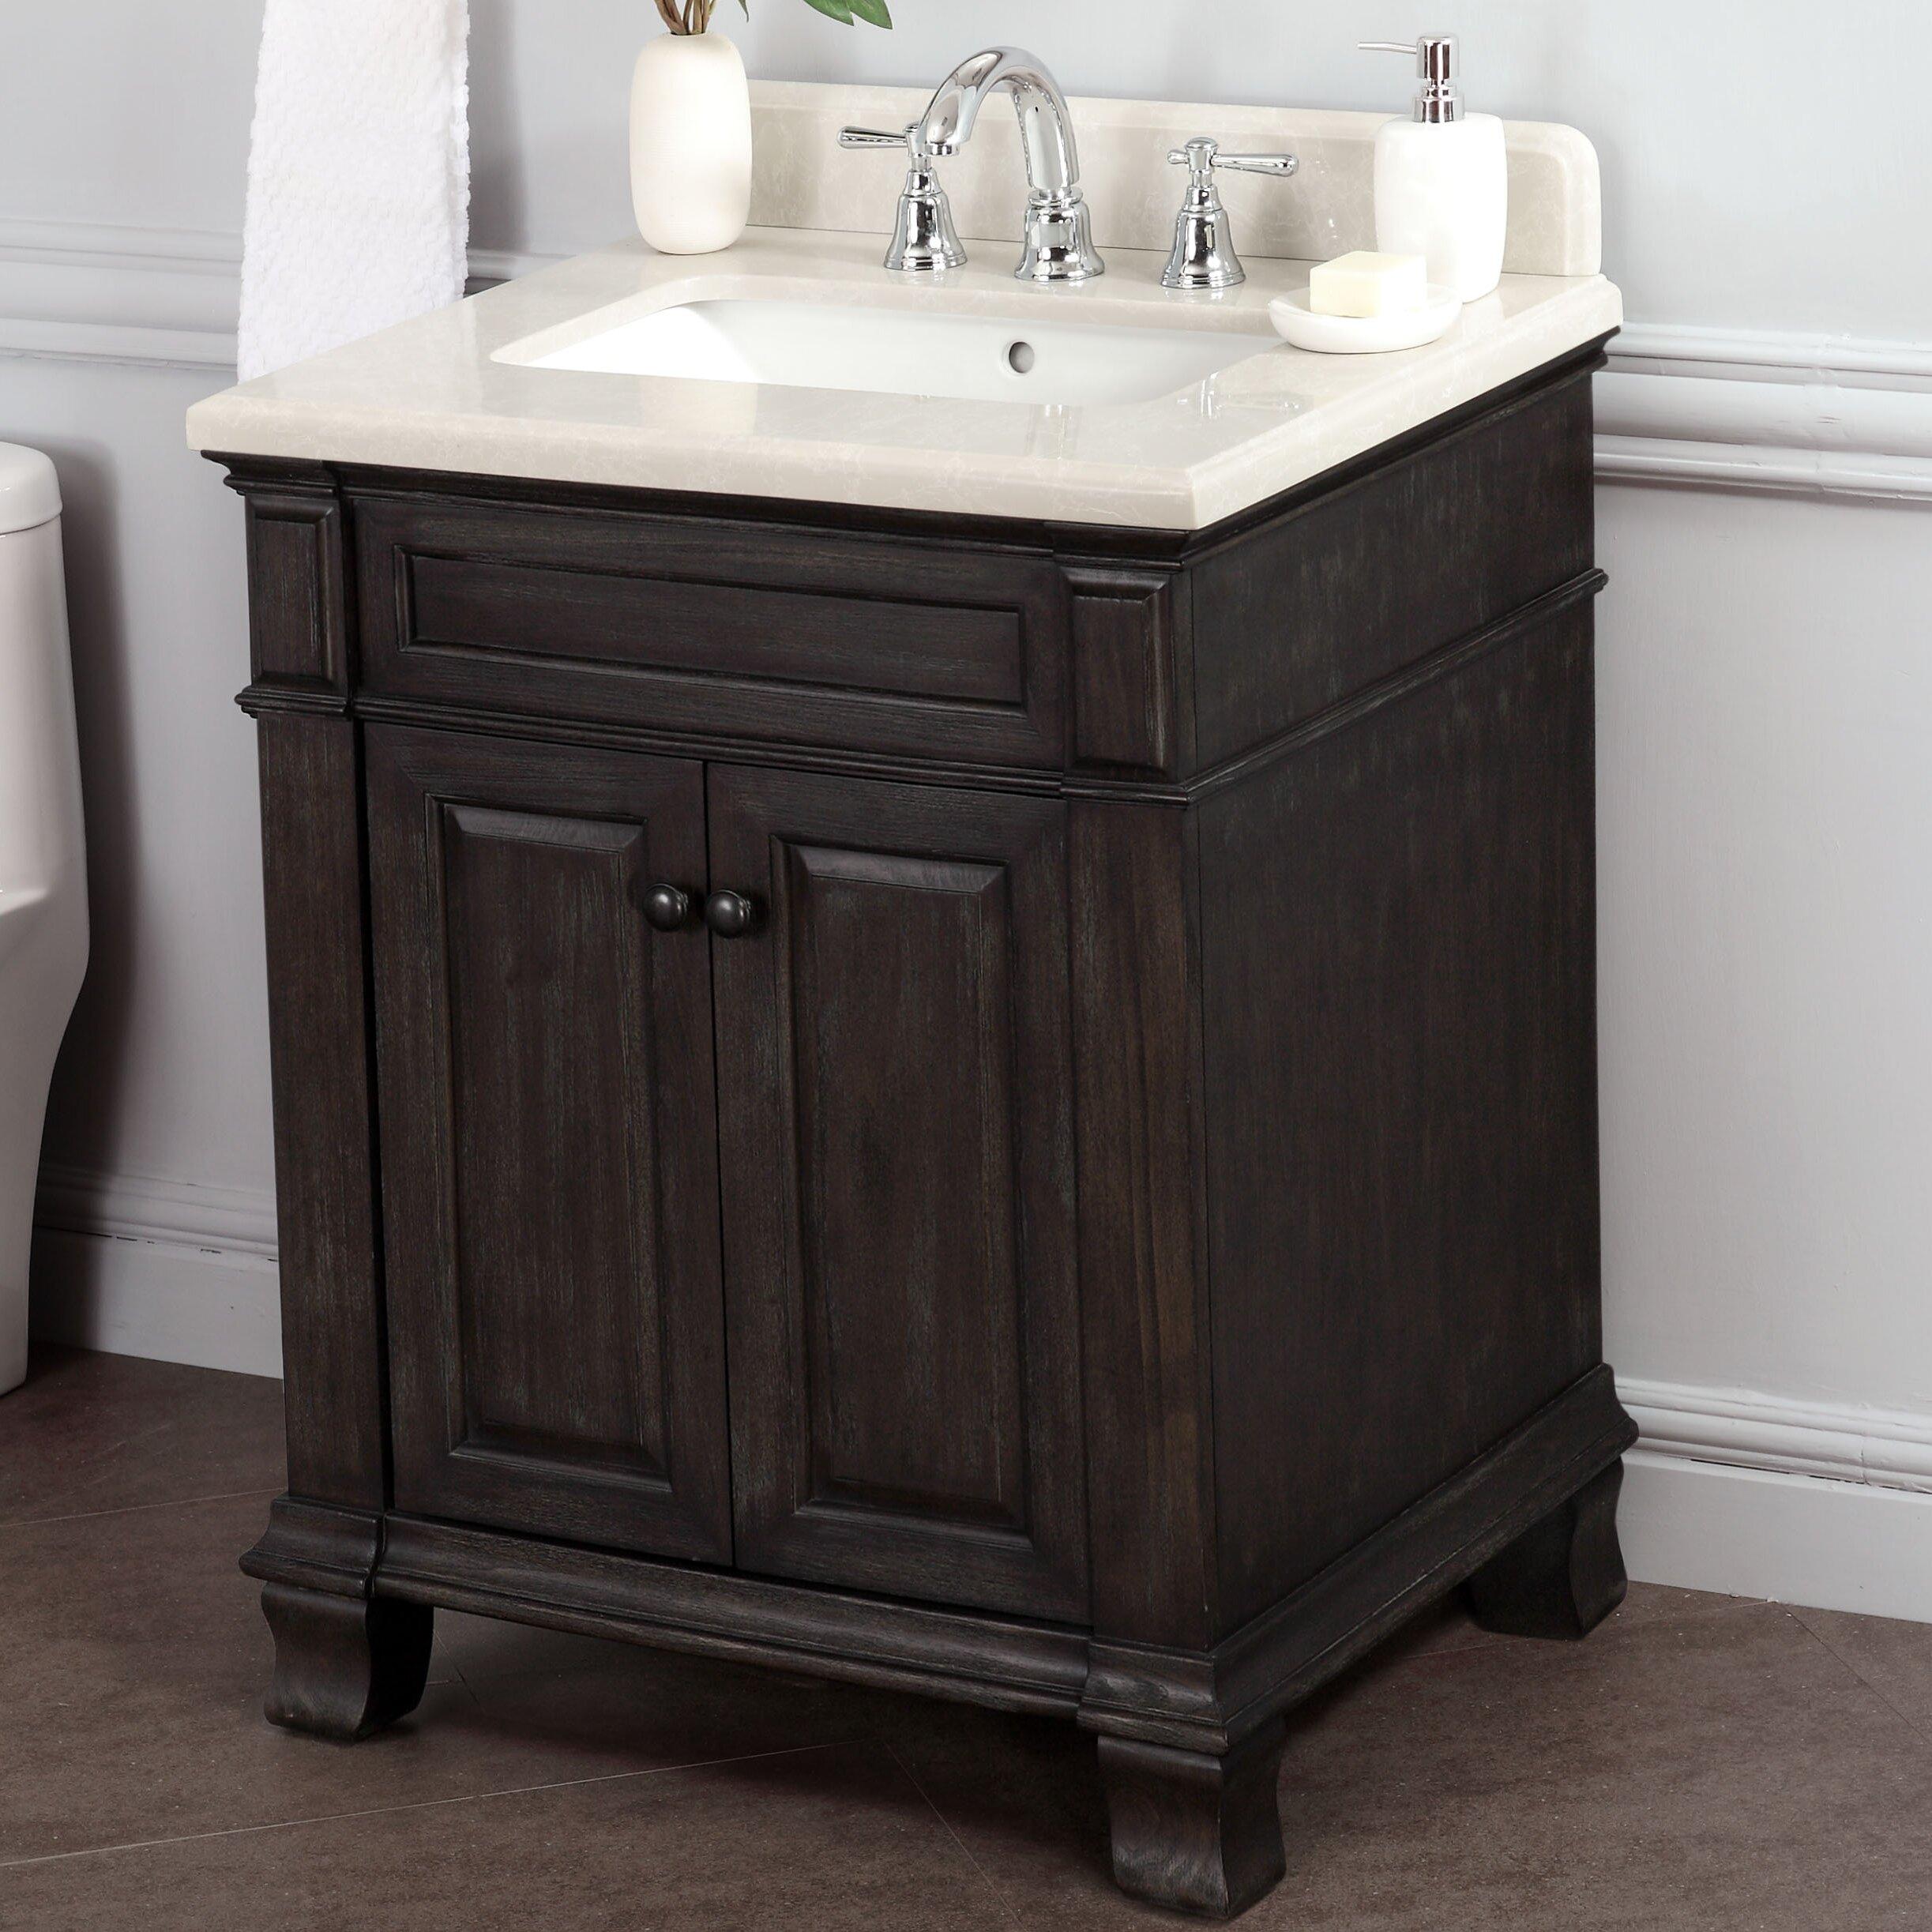 Driftwood Bathroom Vanity Lanza Kingsley 28 Single Bathroom Vanity Set Reviews Wayfair